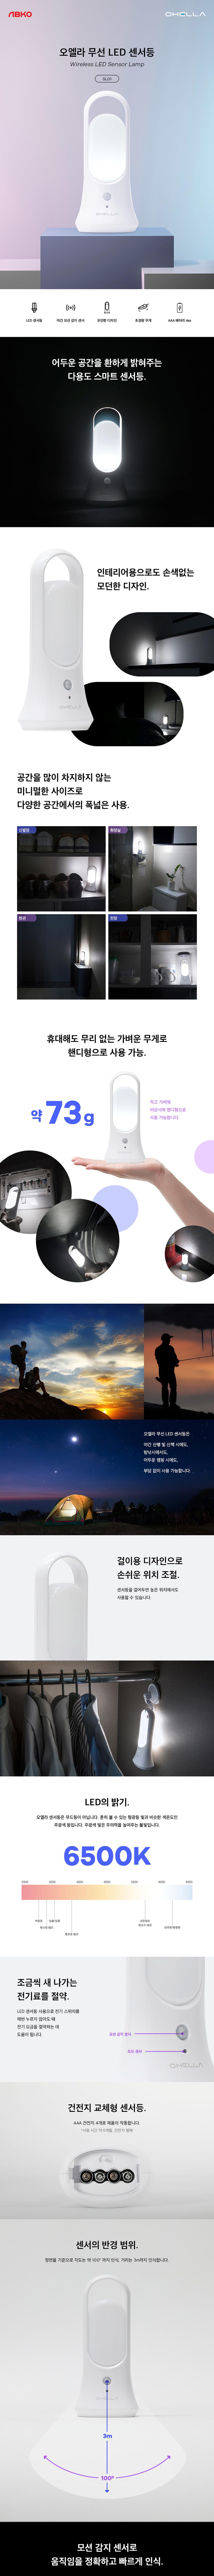 ABKO 오엘라 LED 무선 센서등 SL01